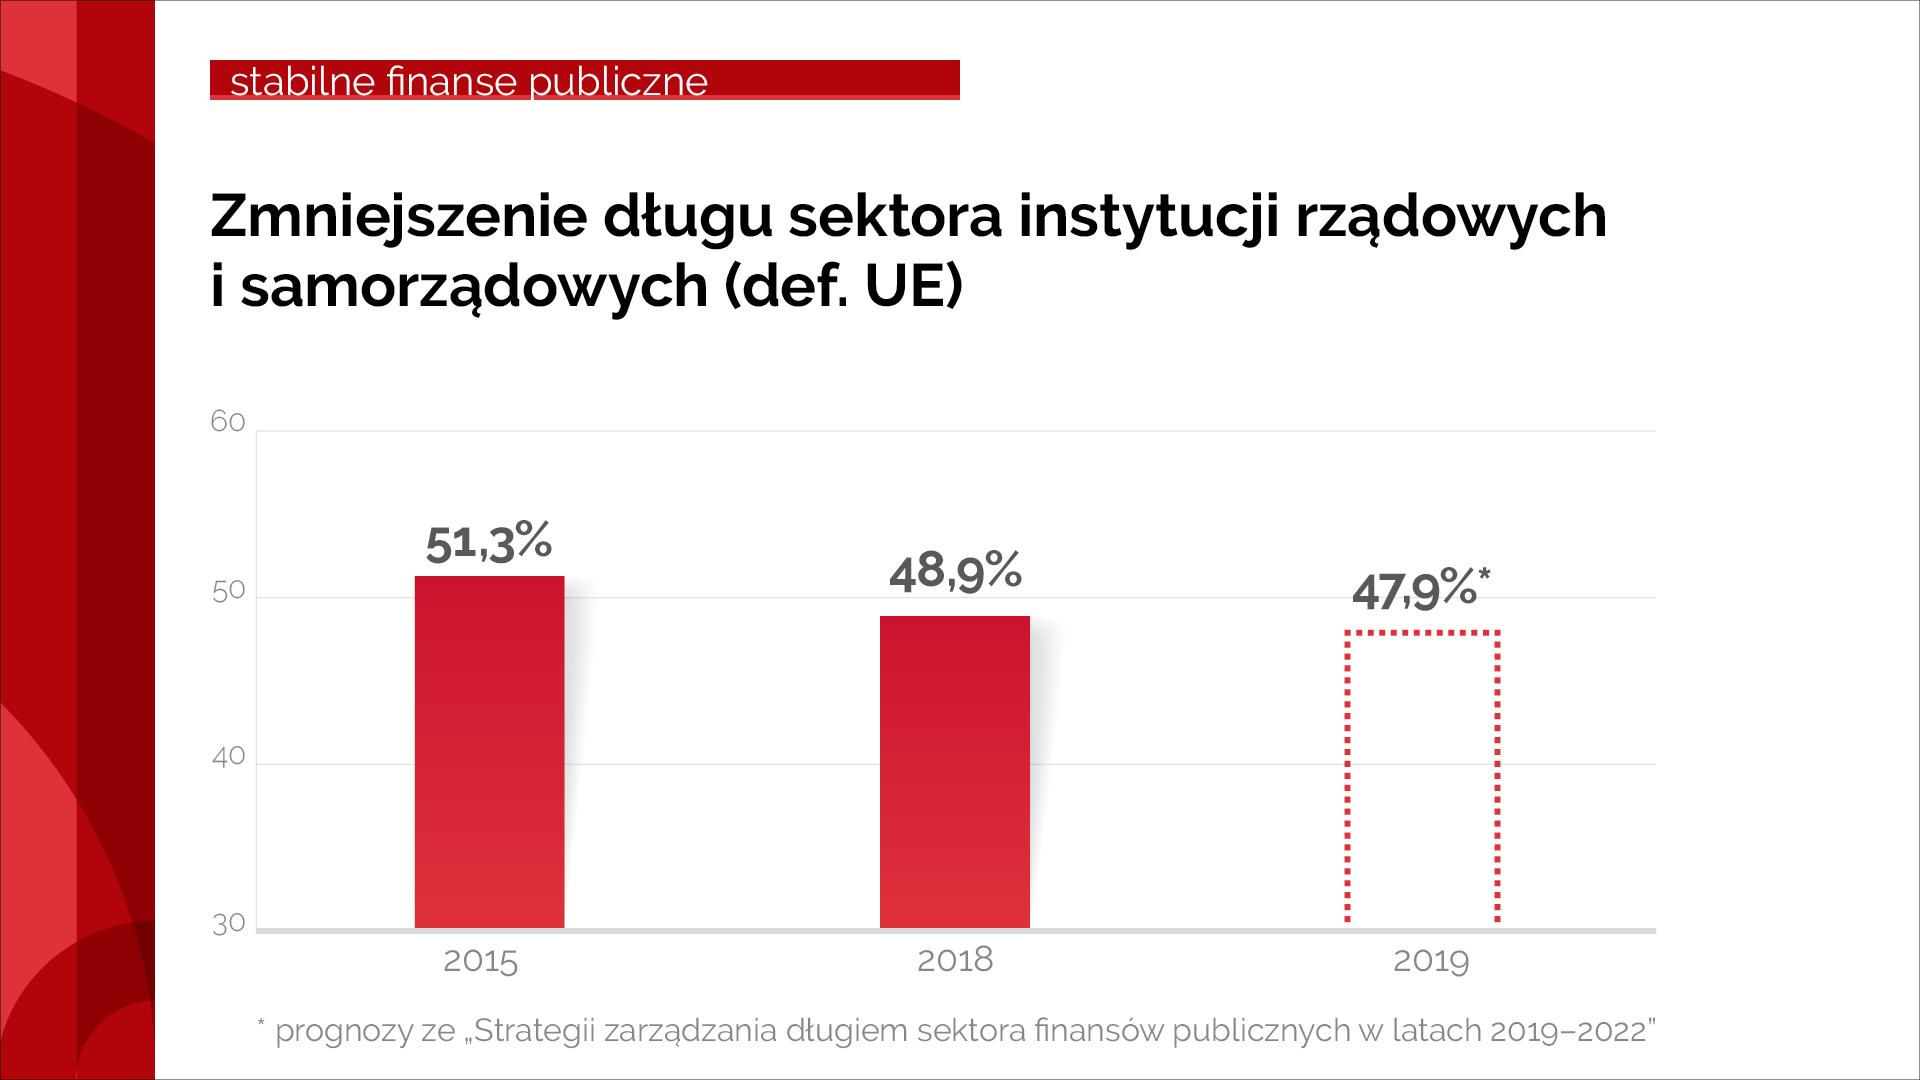 Wykres pokazujący zmniejszenie długu sektora instytucji rządowych i samorządowych w latach 2015, 2018 i 2019